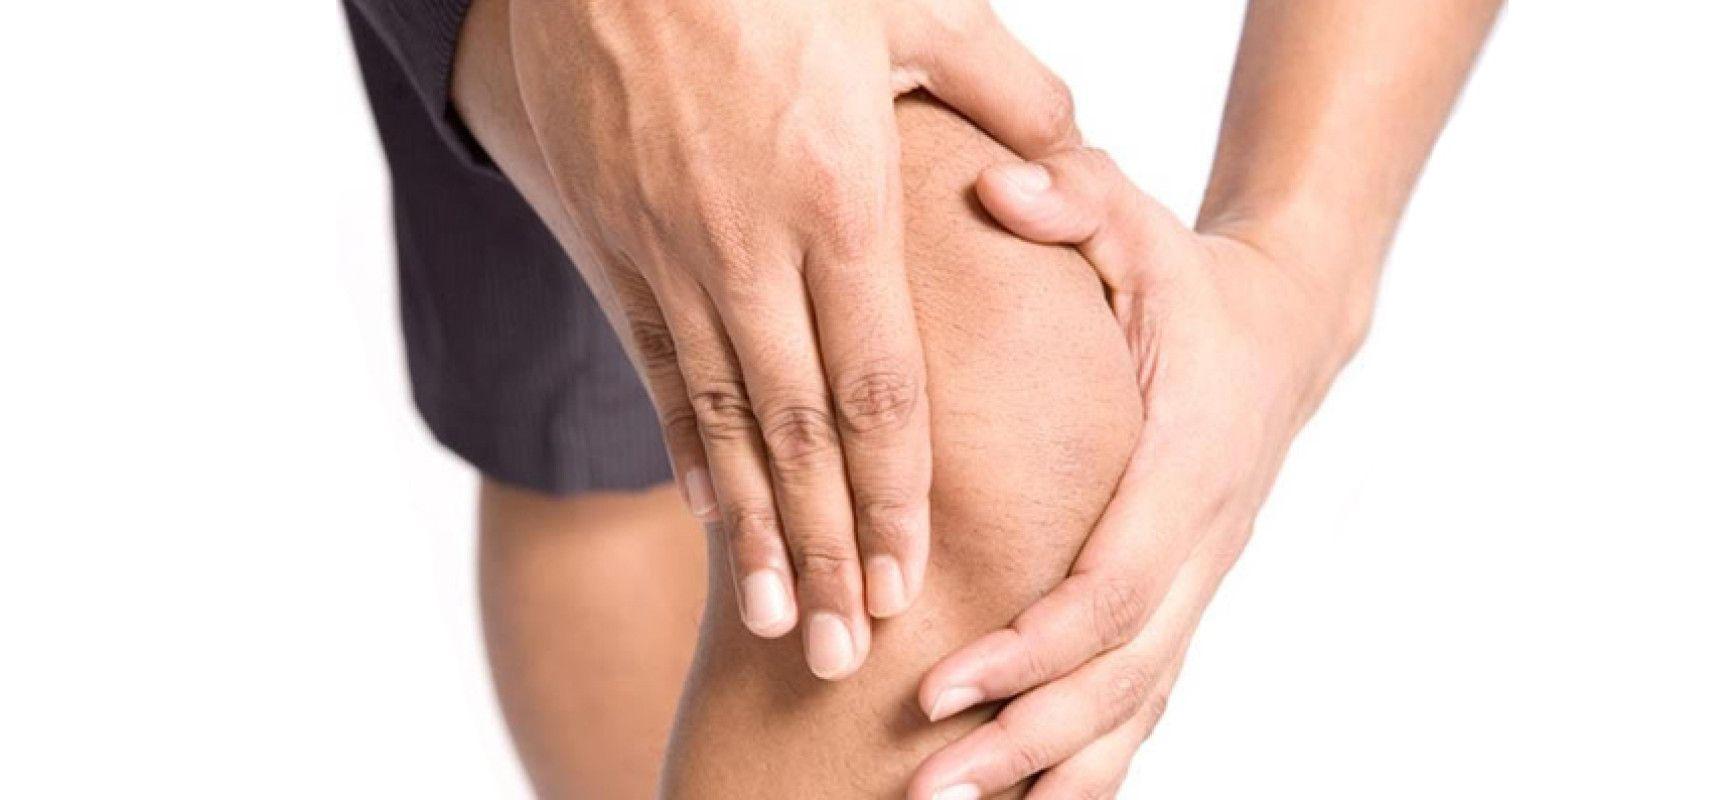 Особенности вывиха коленного сустава